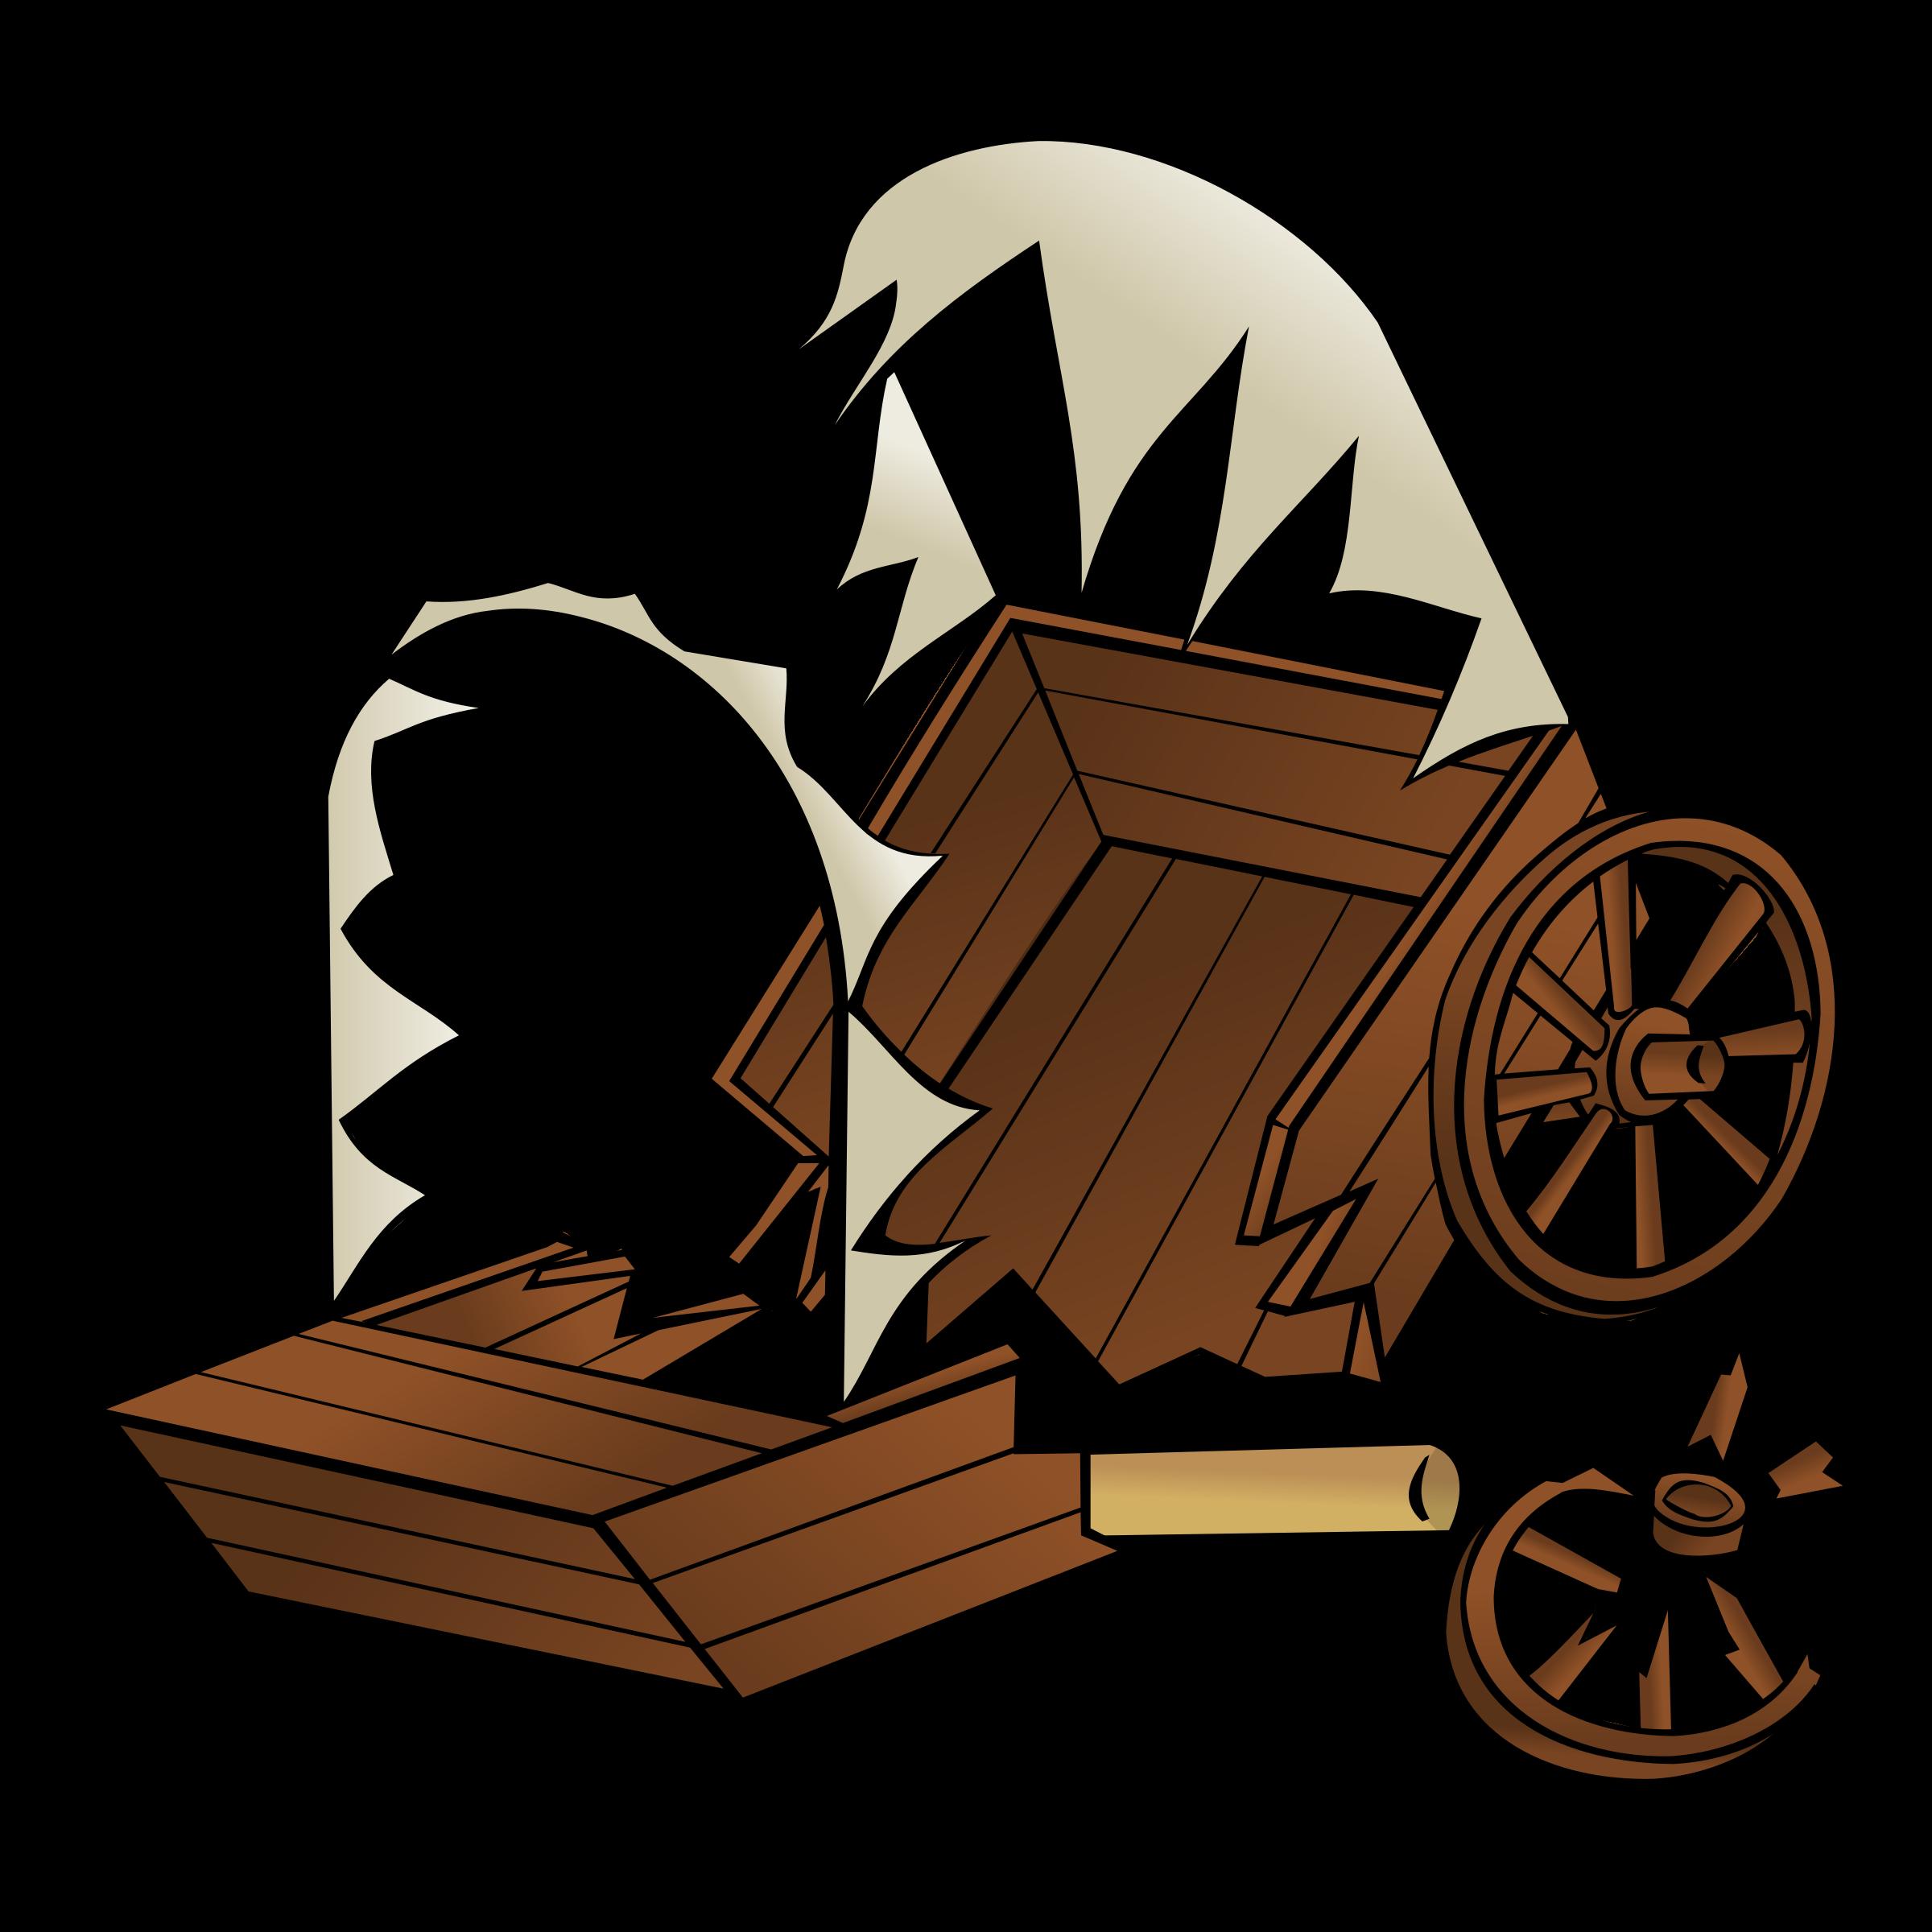 Wagon clipart caravan. Rpg map symbols wreck